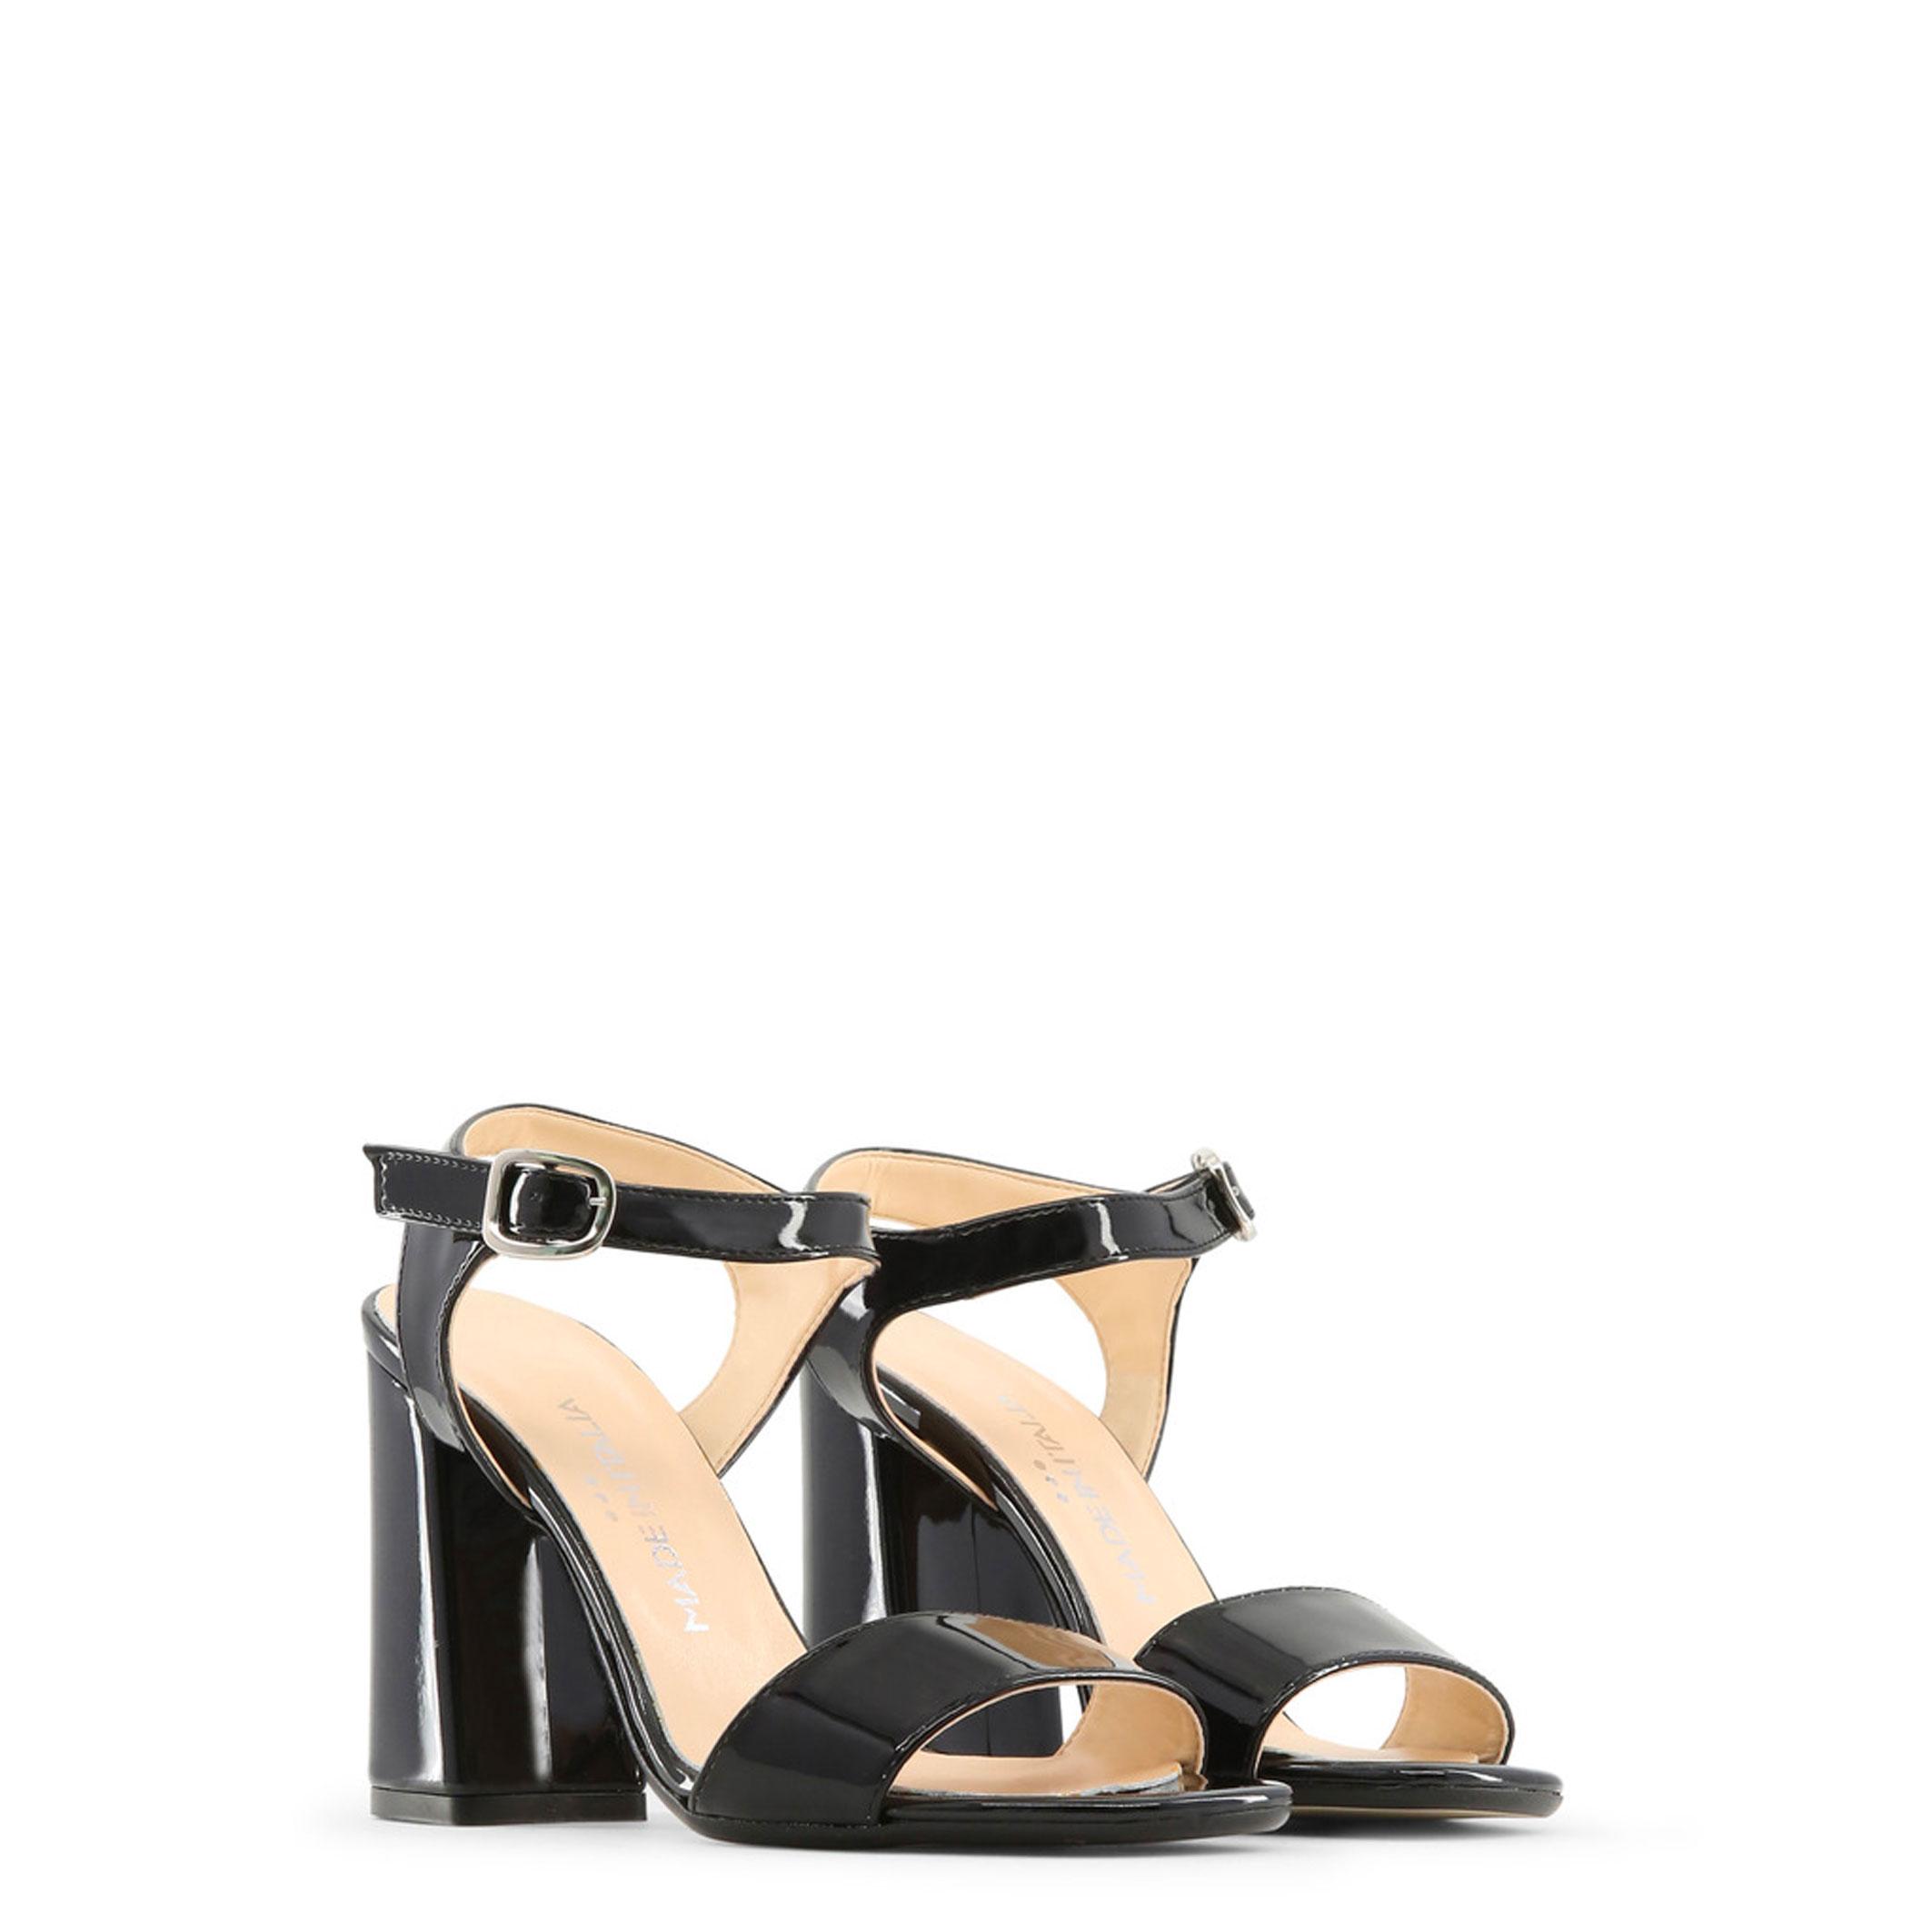 Made in Damen Italia Schuhe ANGELA, Damen in Sandalette Schwarz/Gelb/Rot Keilabsatz ed5515